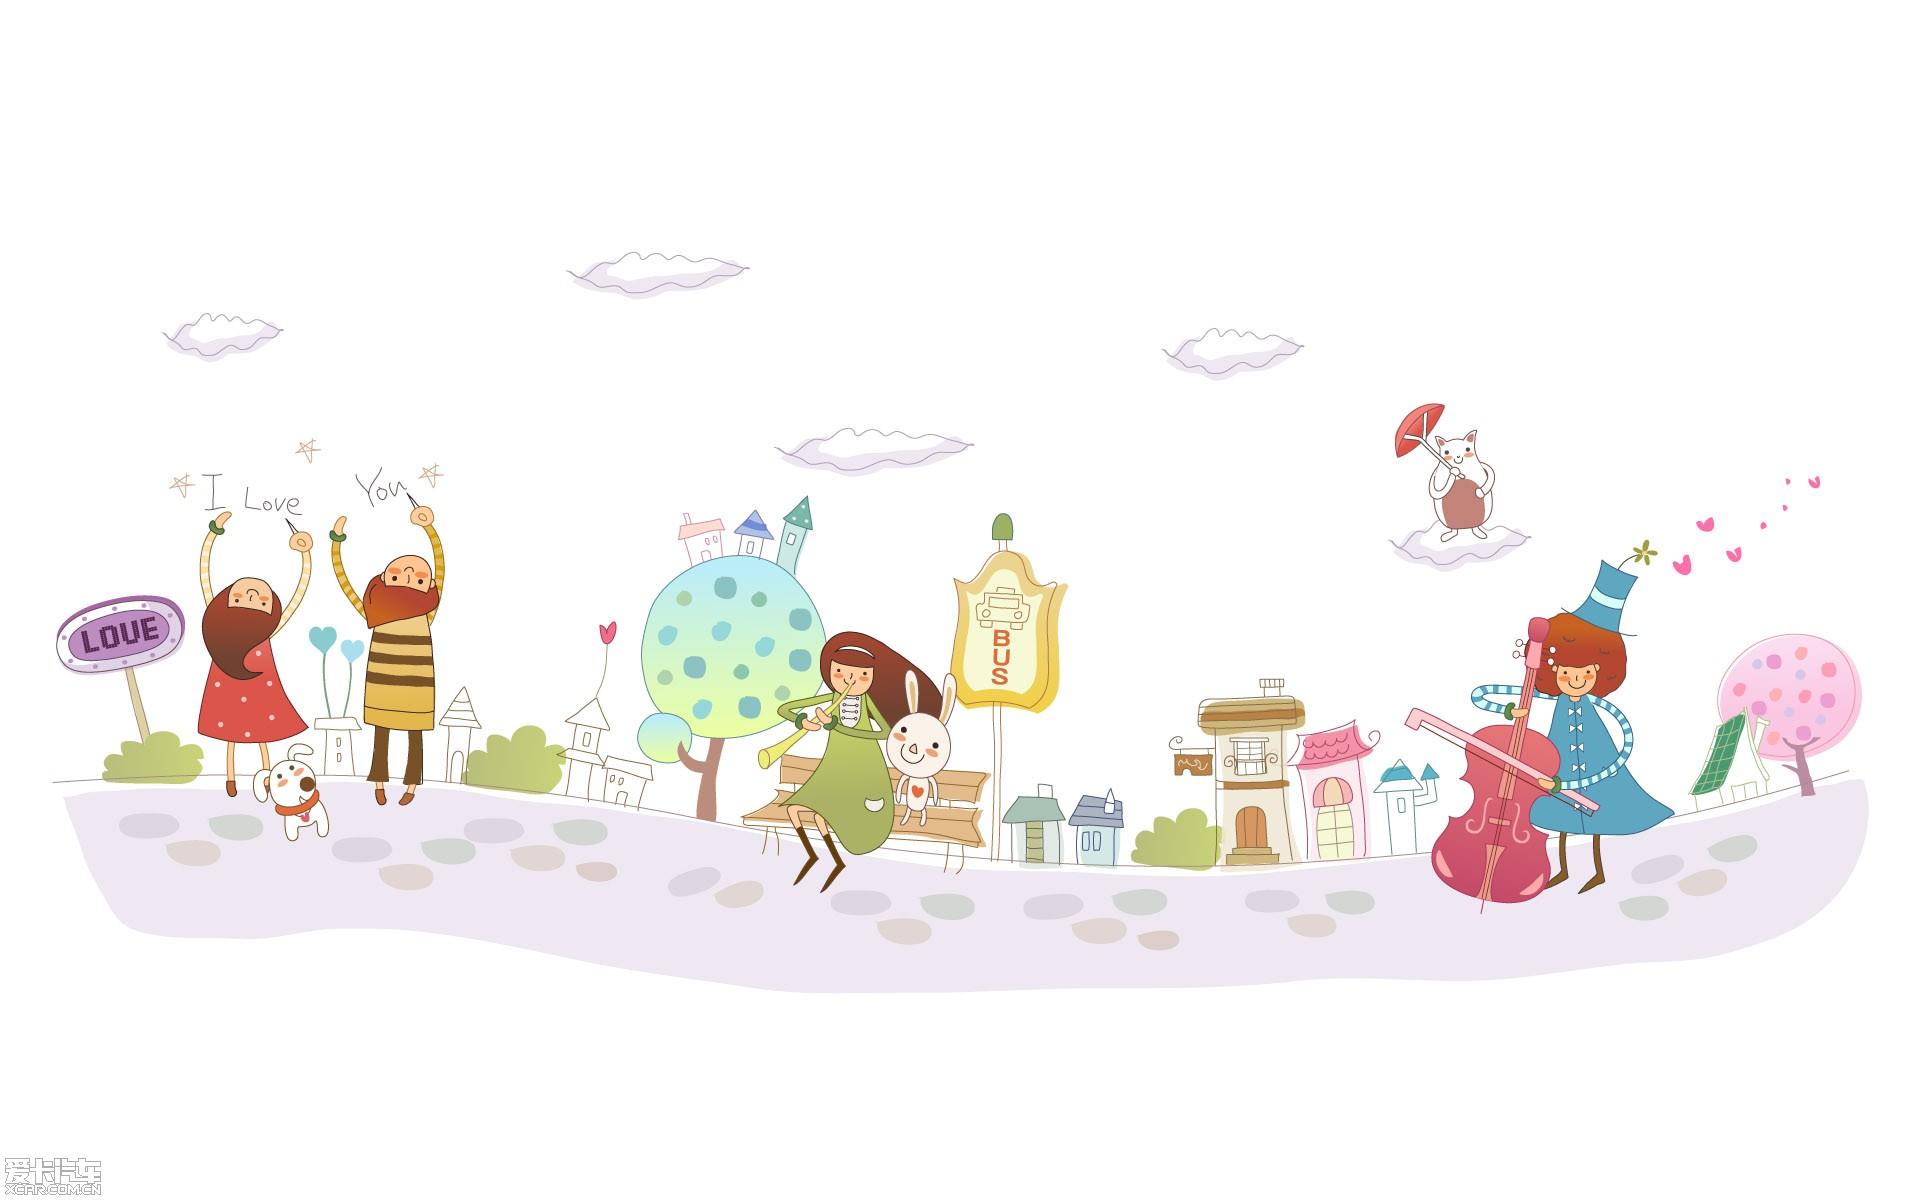 【精华】可爱的简笔插图